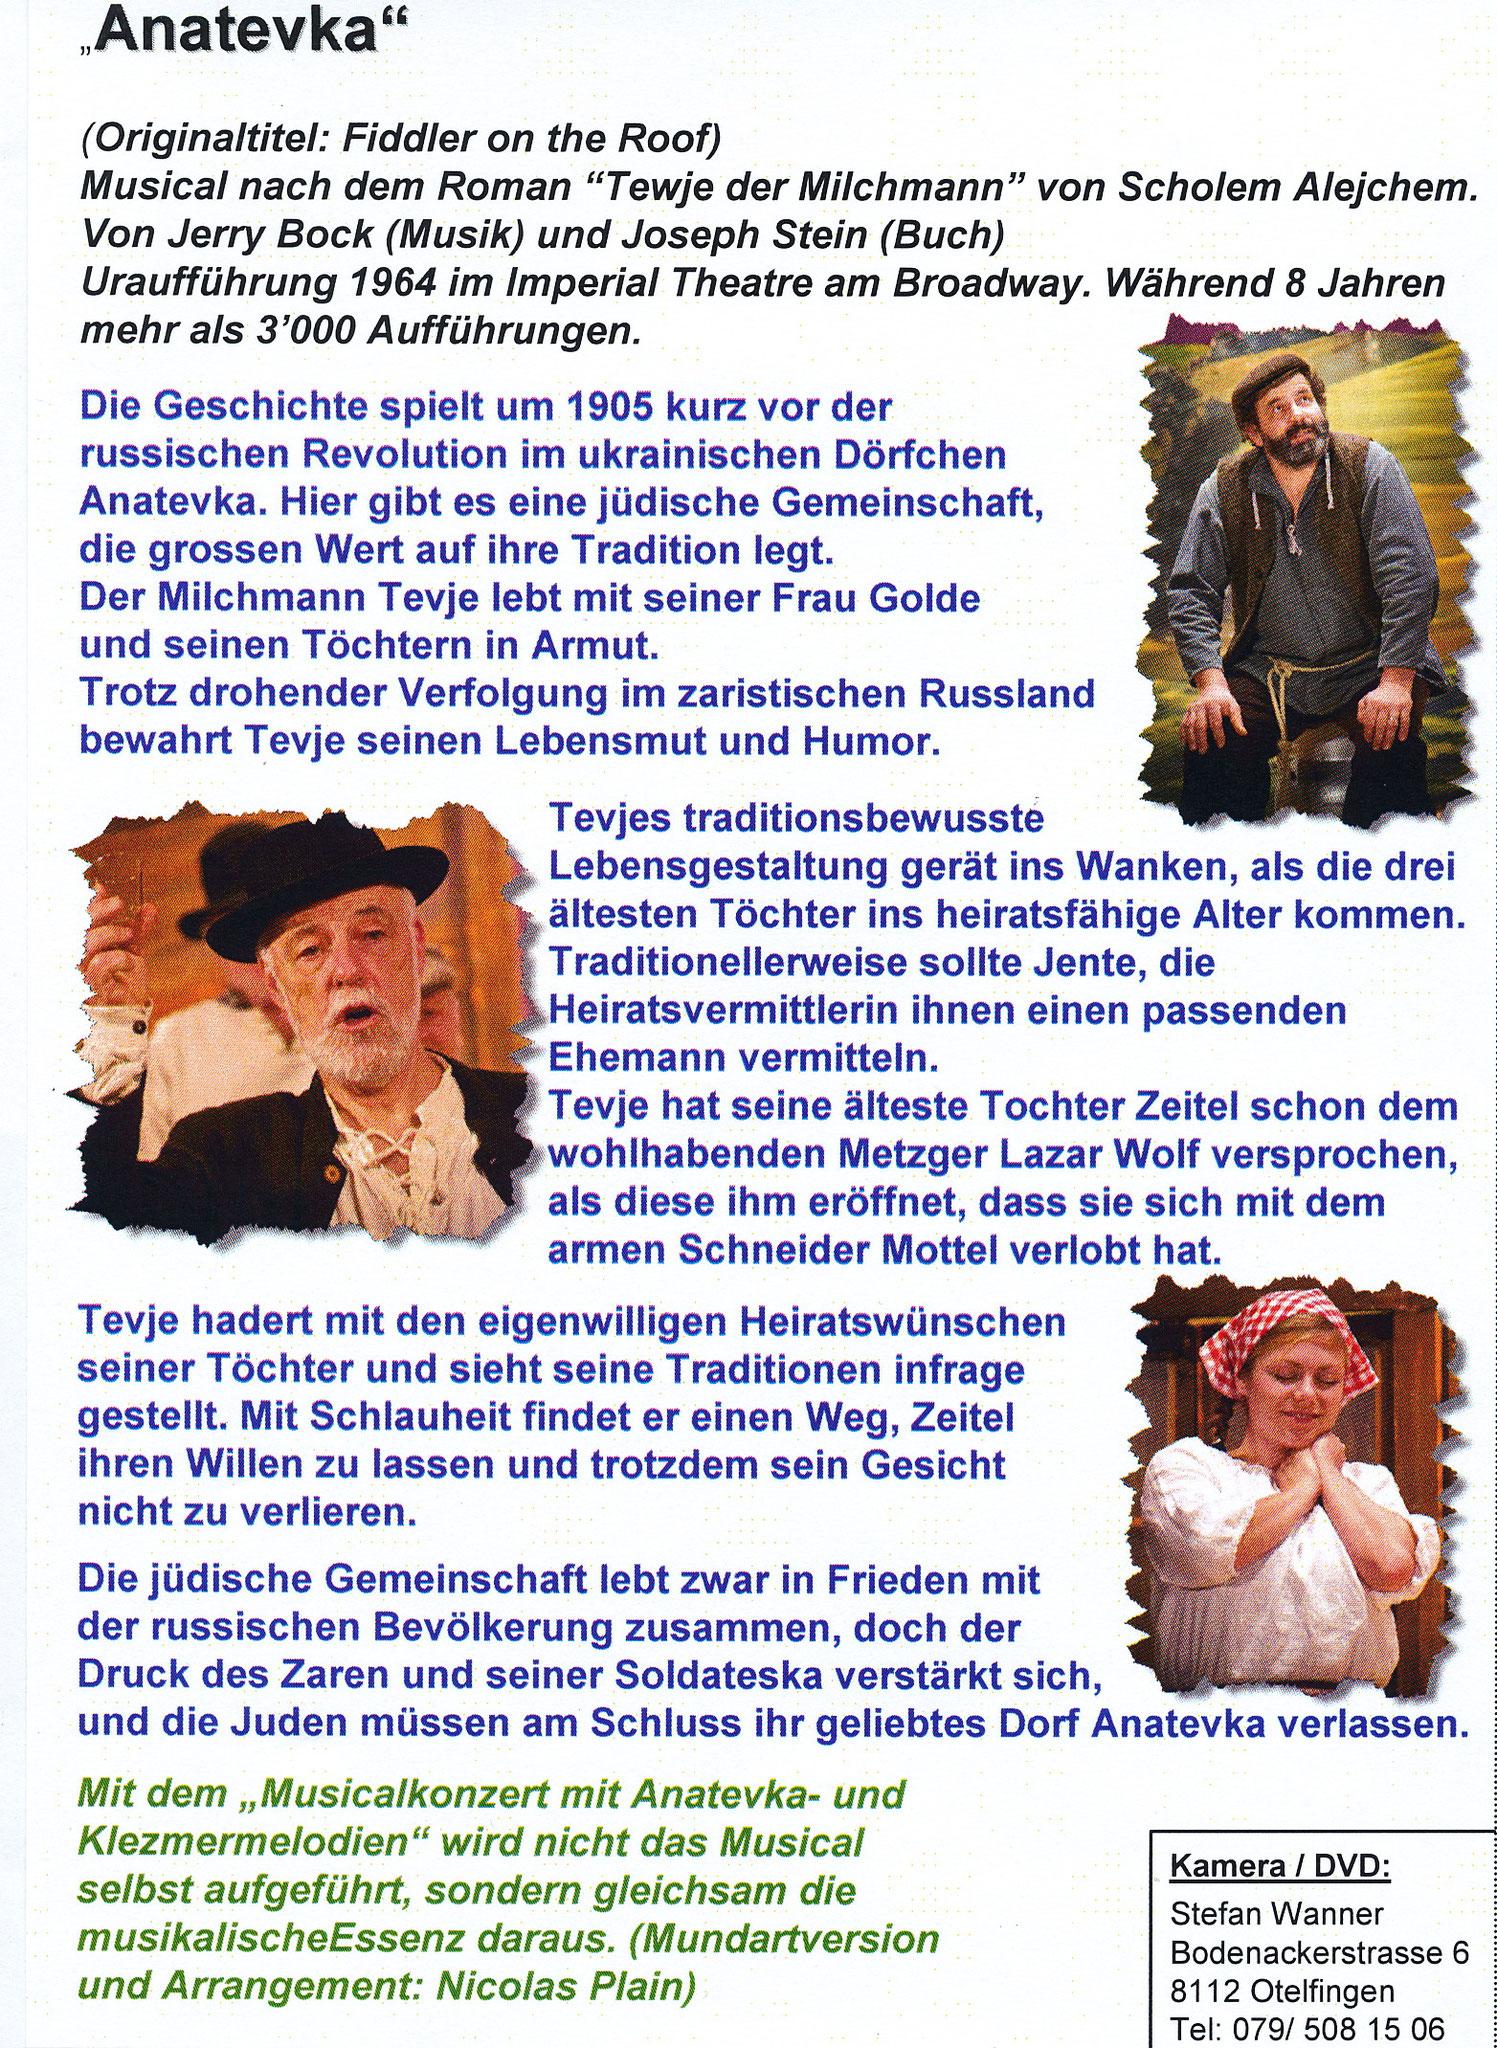 Umschlagseite der DVD Hülle